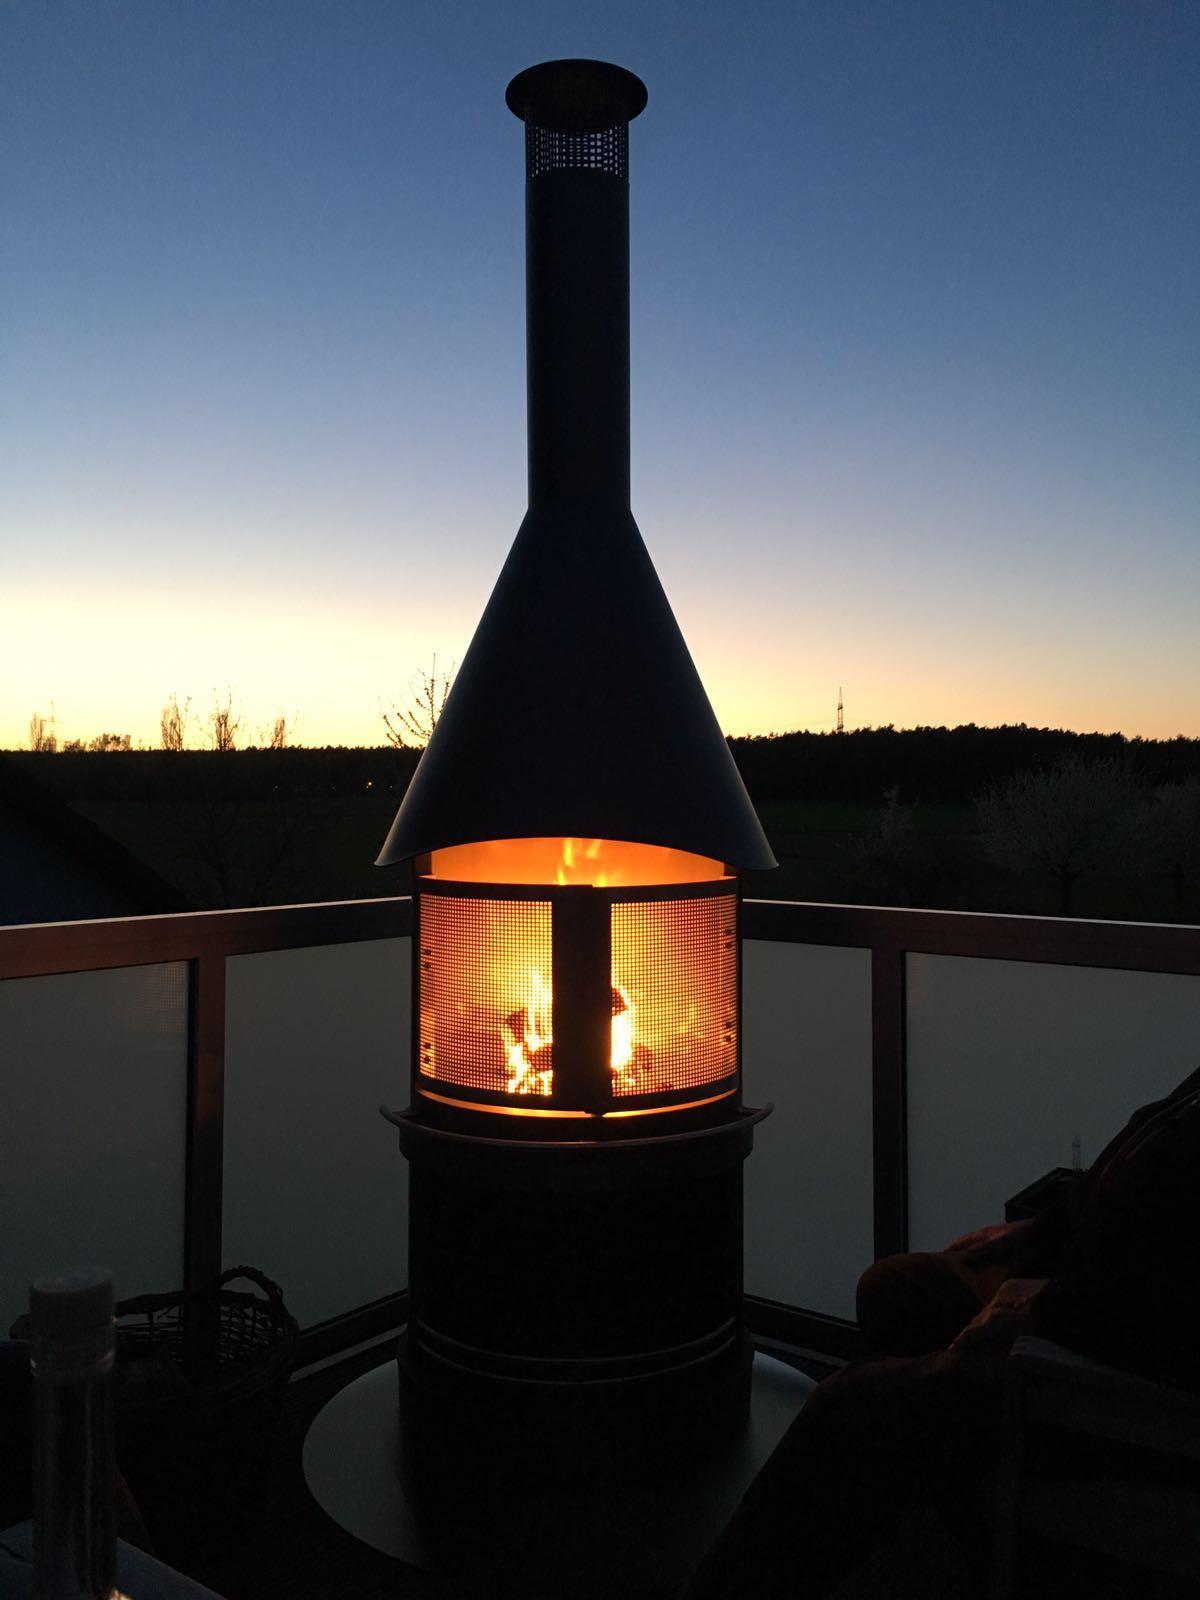 Referenz Ofen- und Kaminbau, Bild 0390